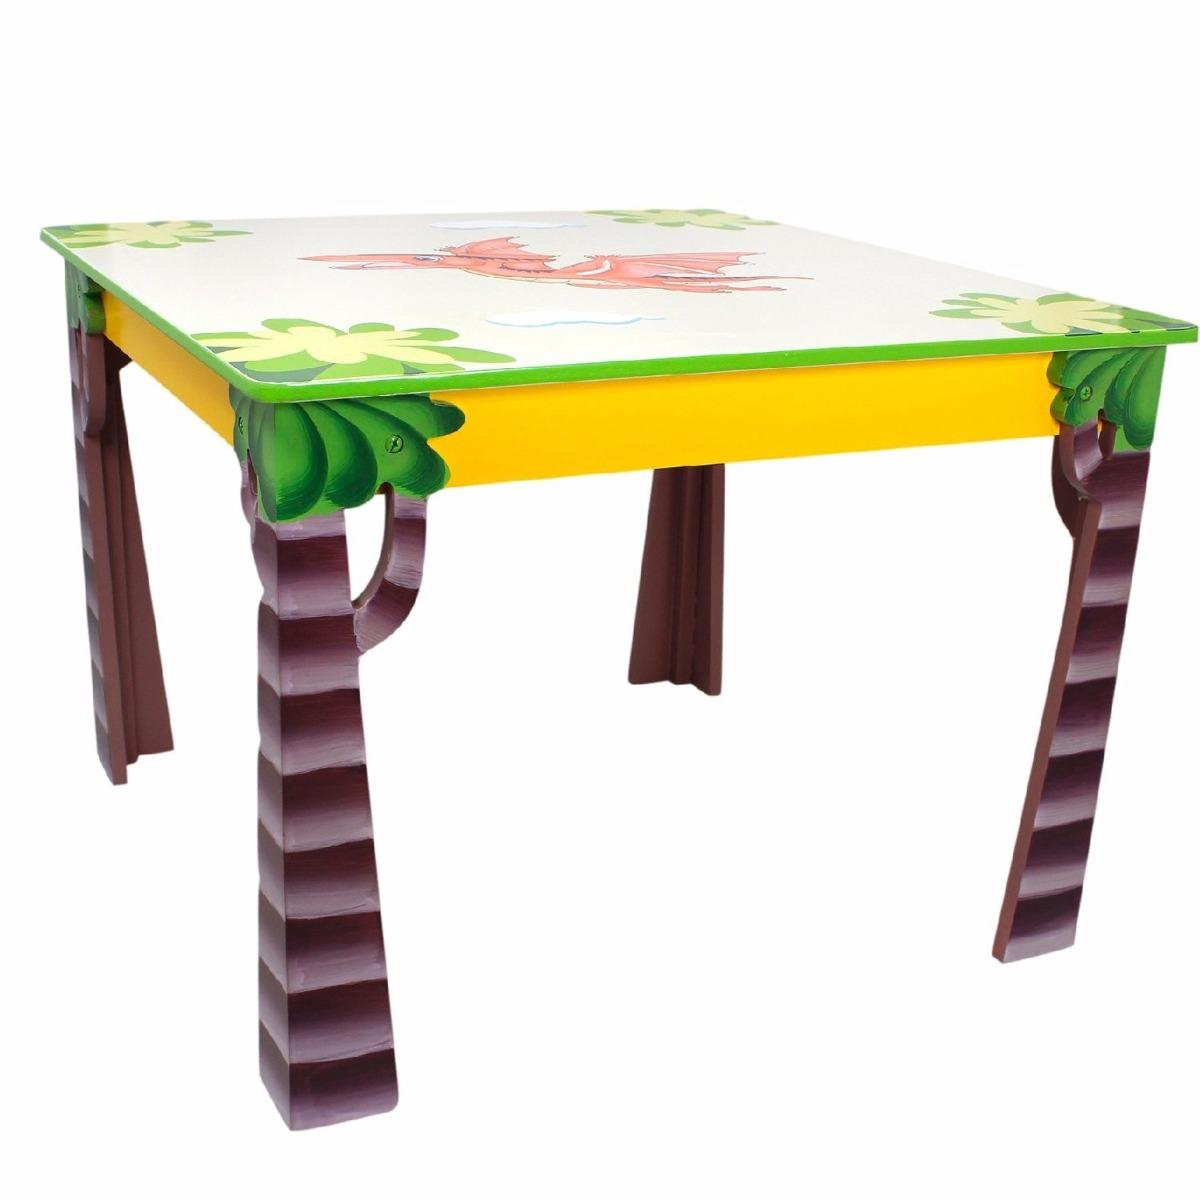 Mesita de madera infantil juego 2 sillas dise o for Silla infantil diseno